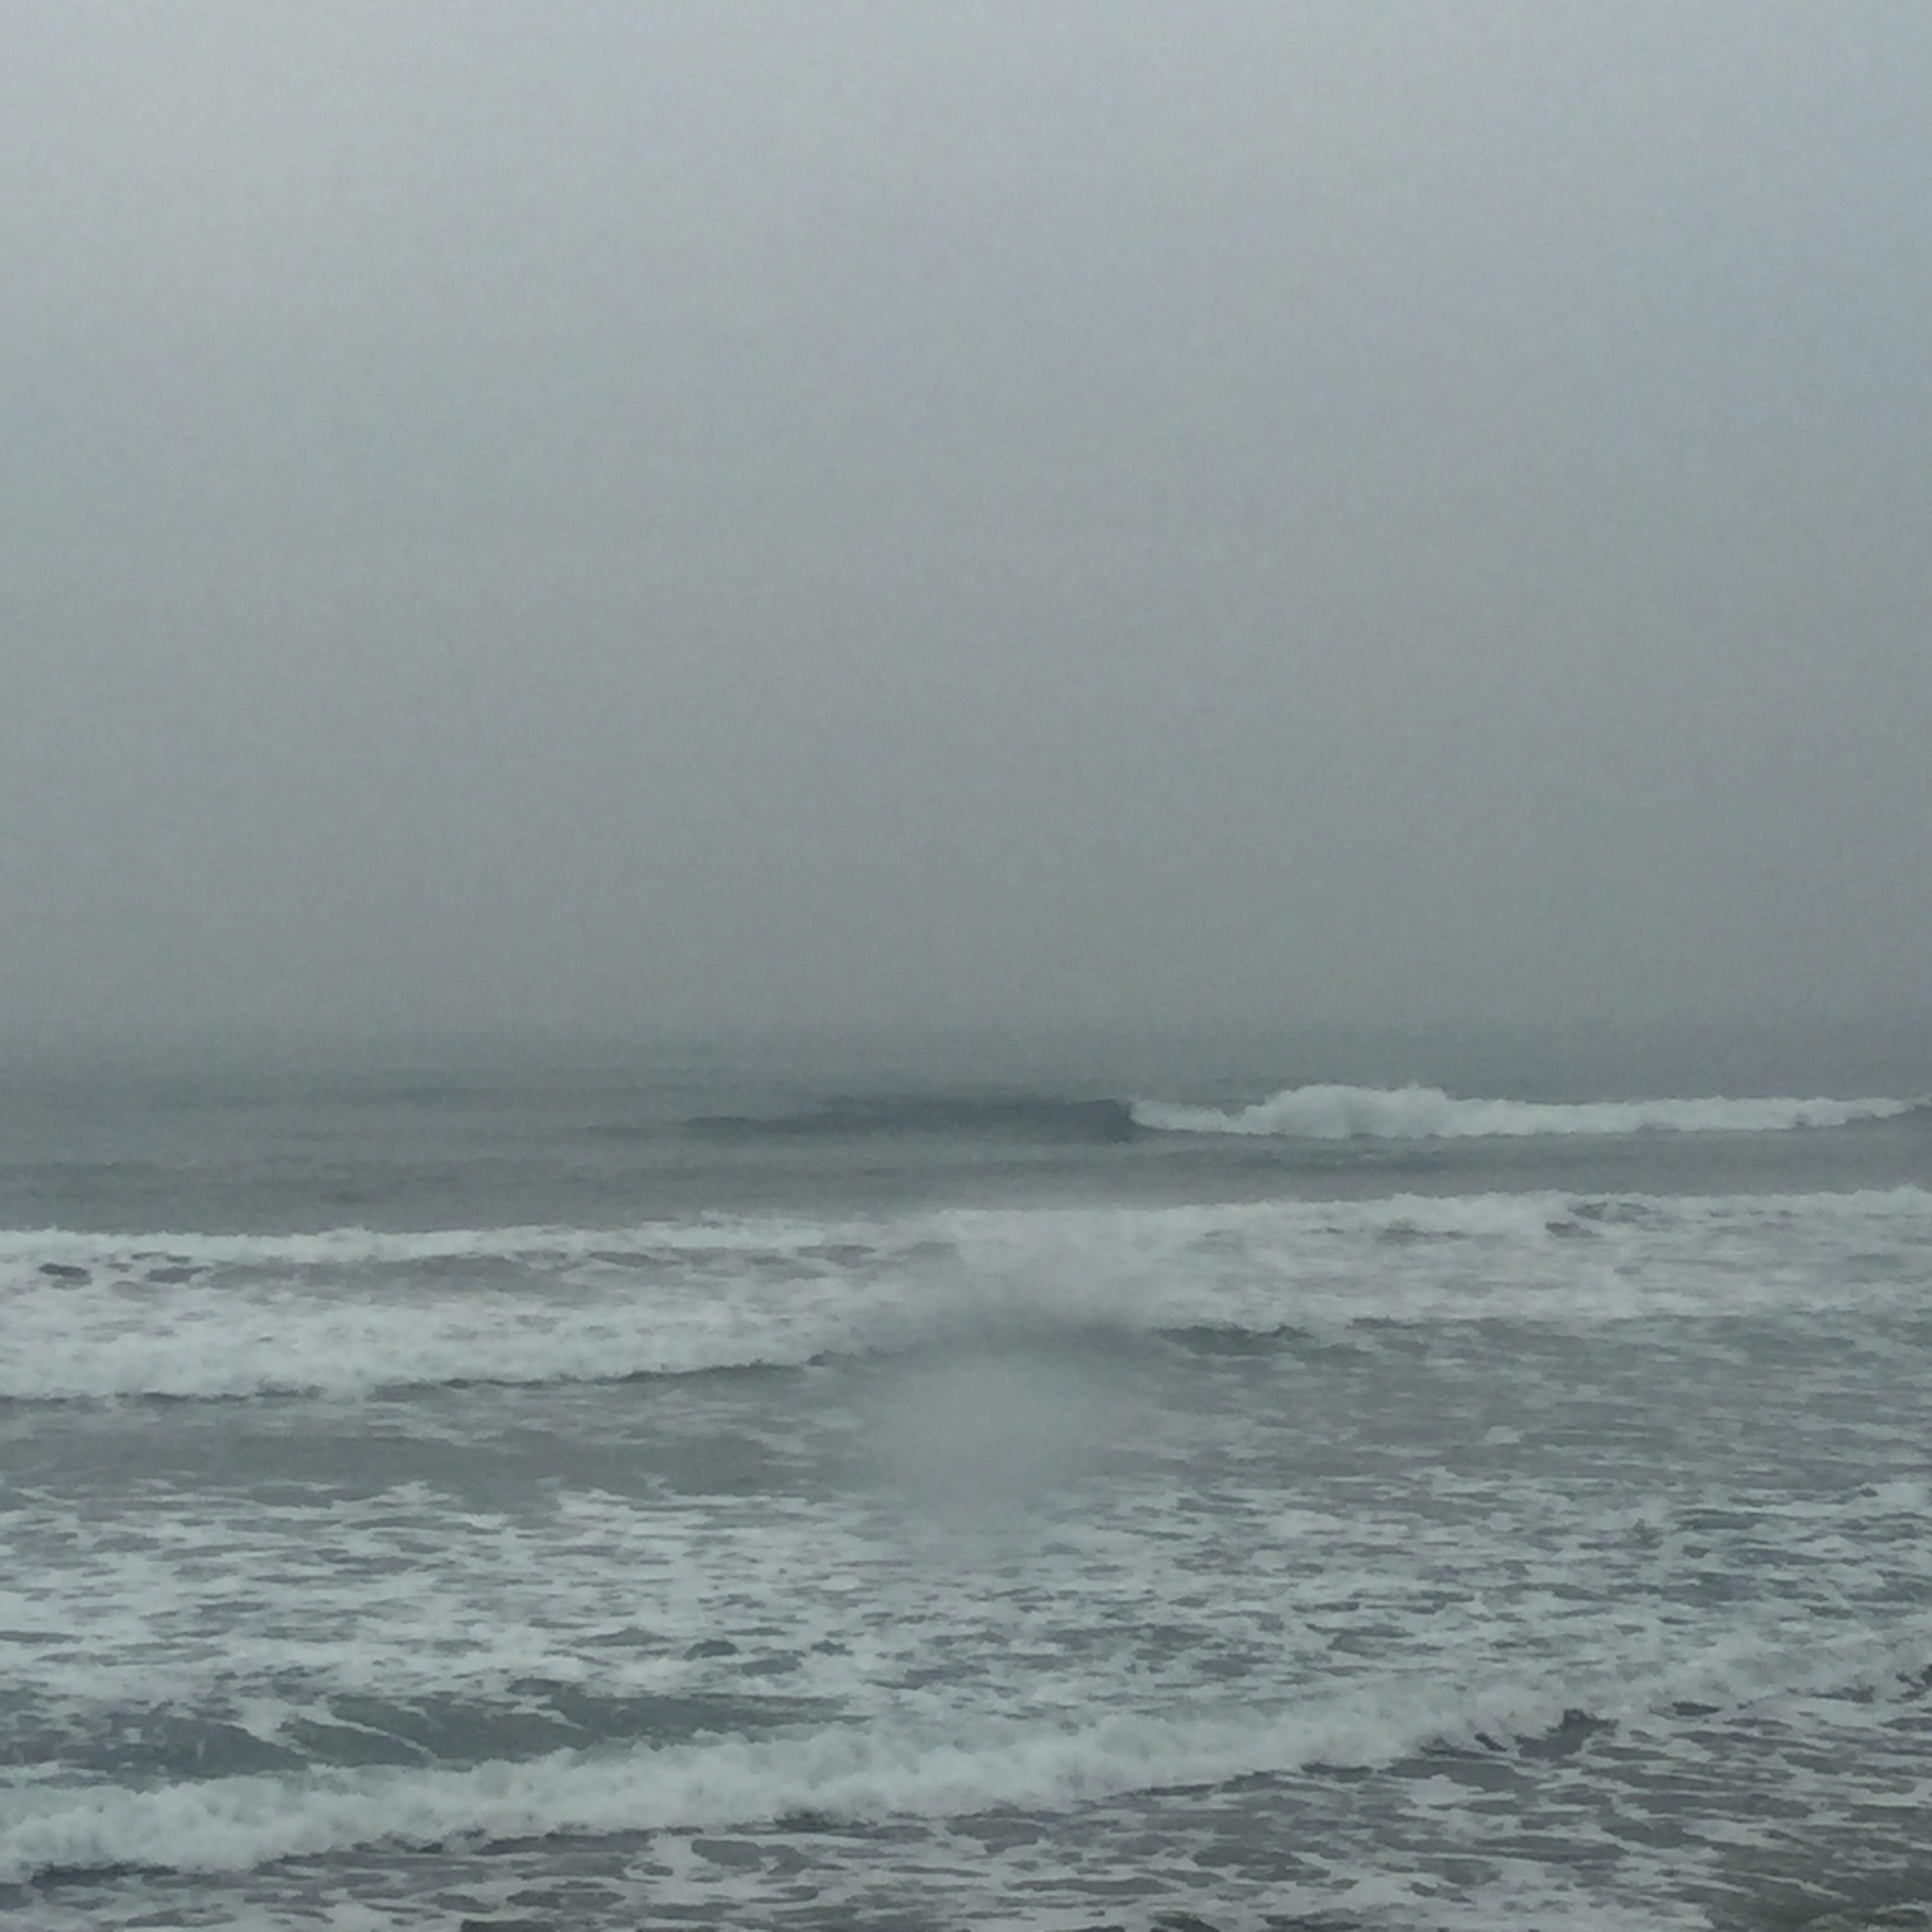 無垢の日々 静けさの時 なにも言うことはないけれど それでいい...... Goodmorning. A simple days. moment of silence. I have nothing to say...... but it's okey. good morning. Surf Surfing Beach Sky Sea Tokyo No.1 Soul Set